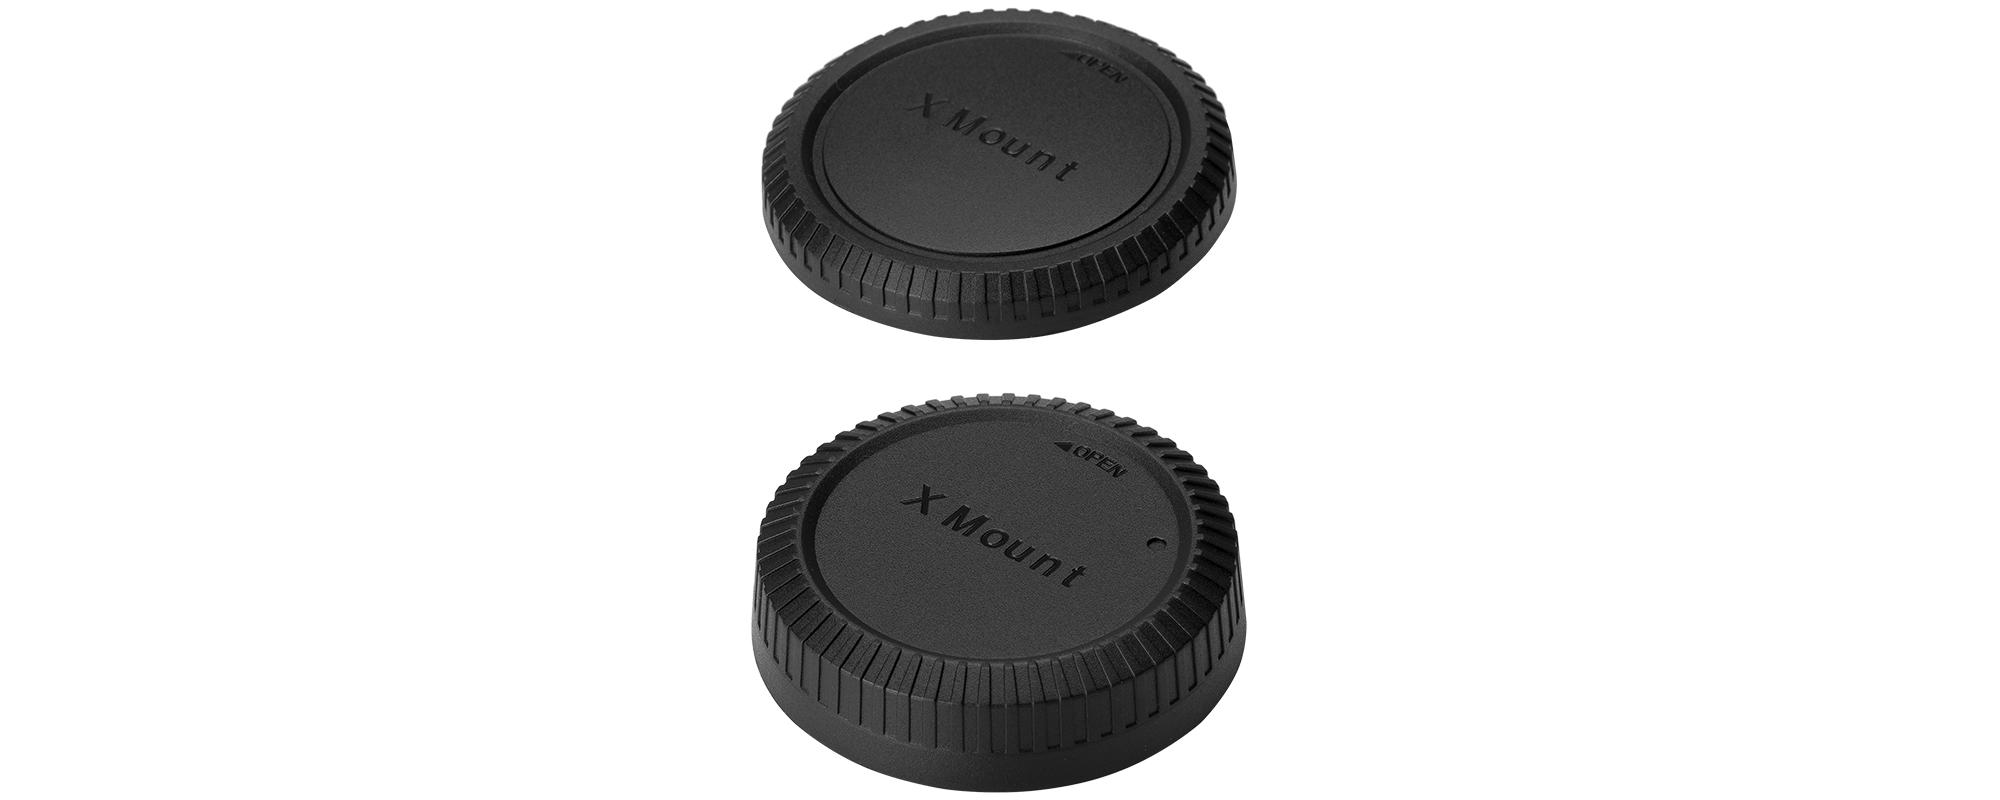 Zestaw dekielków JJC L-R14 na tył obiektywu i korpus aparatu - Fujifilm X